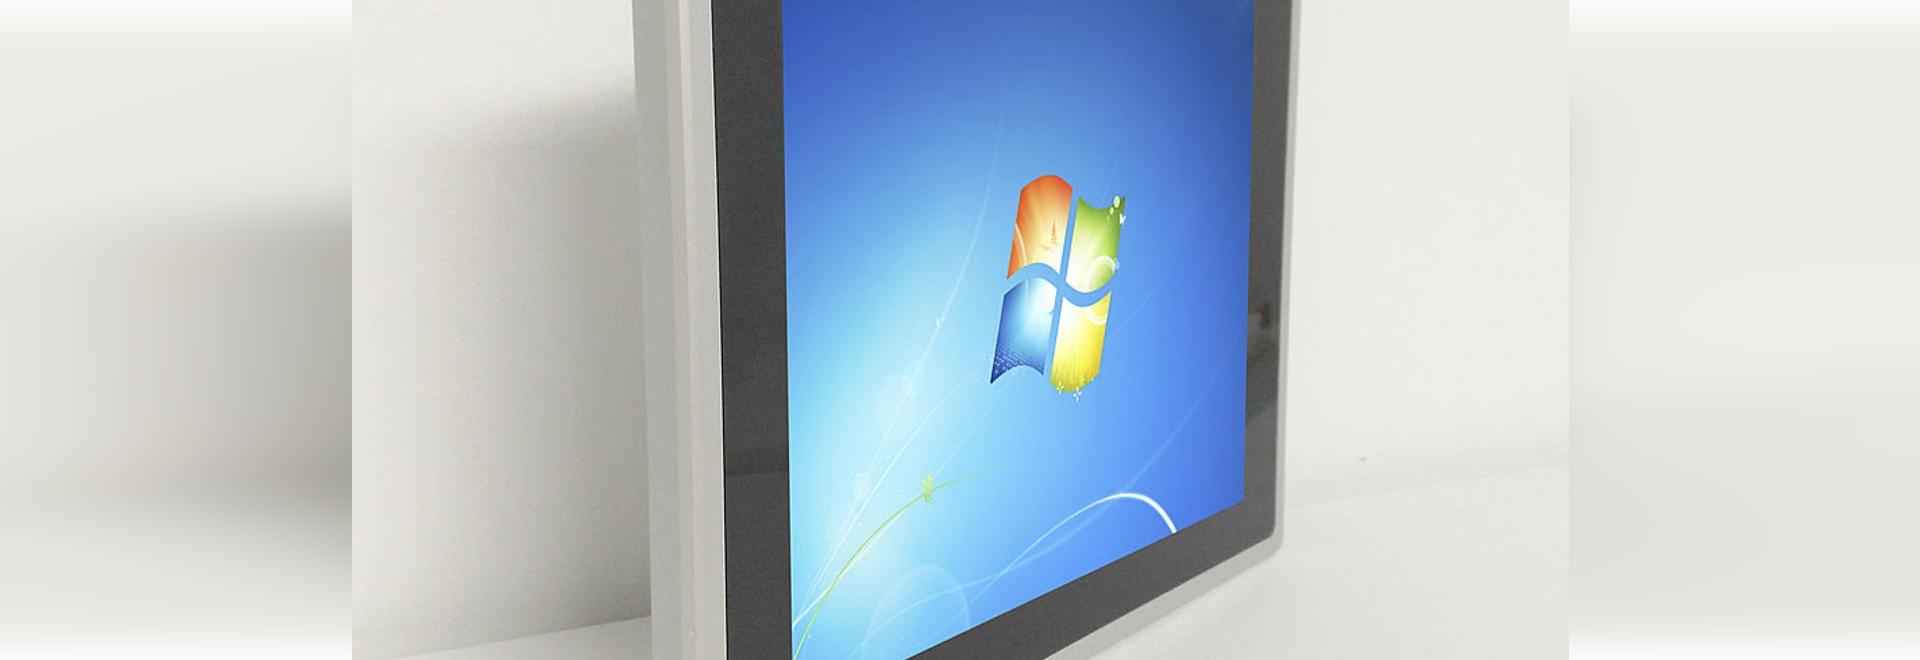 Monitor de exhibición del LCD/pantalla táctil/LCD/abrir-marco ...